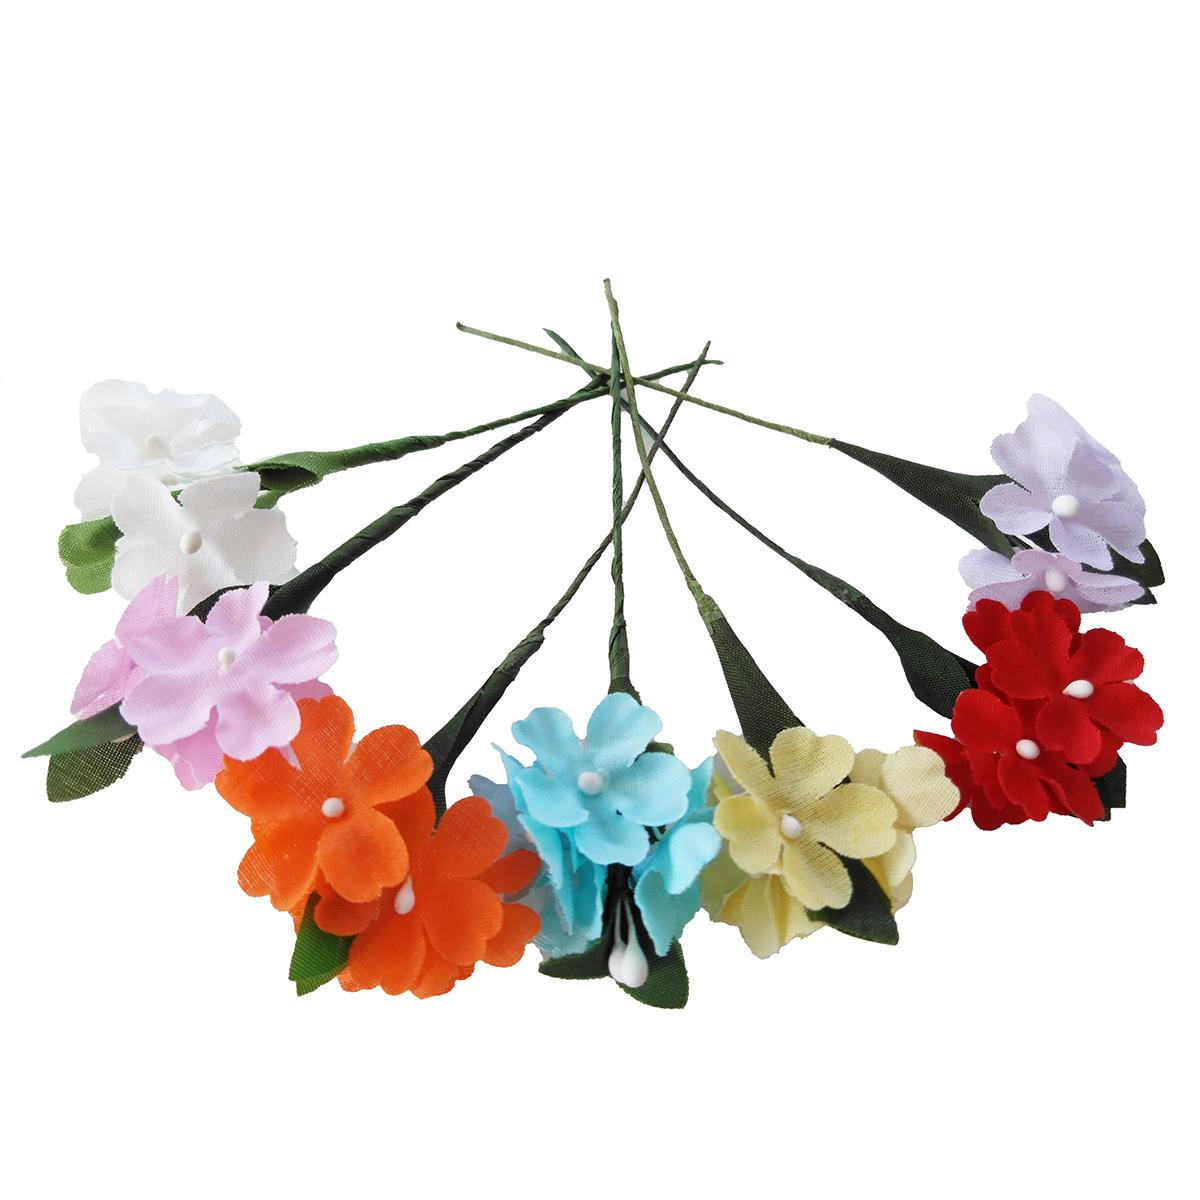 造花 メール便対応  アウトレット造花 ハイドランジア 202ベタ ラッピング プレゼントやギフトにアートフラワーを添えて